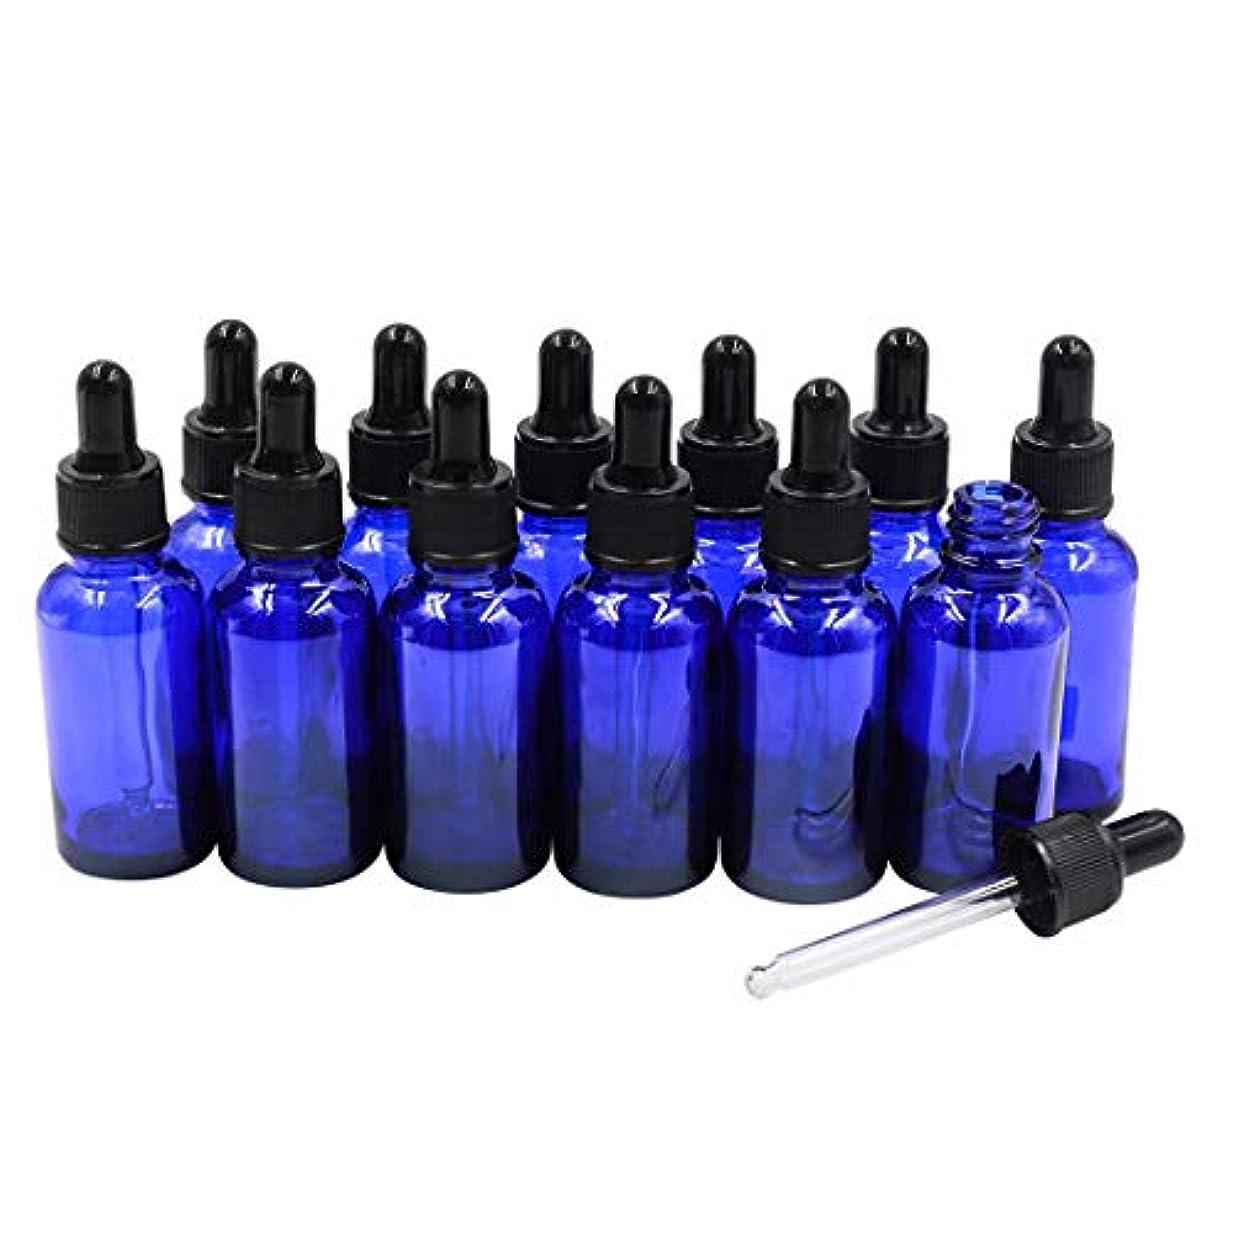 自己尊重コック集団的12本セット ブルースポイト遮光瓶 アロマオイル 精油 香水やアロマの保存 小分け用 遮光瓶